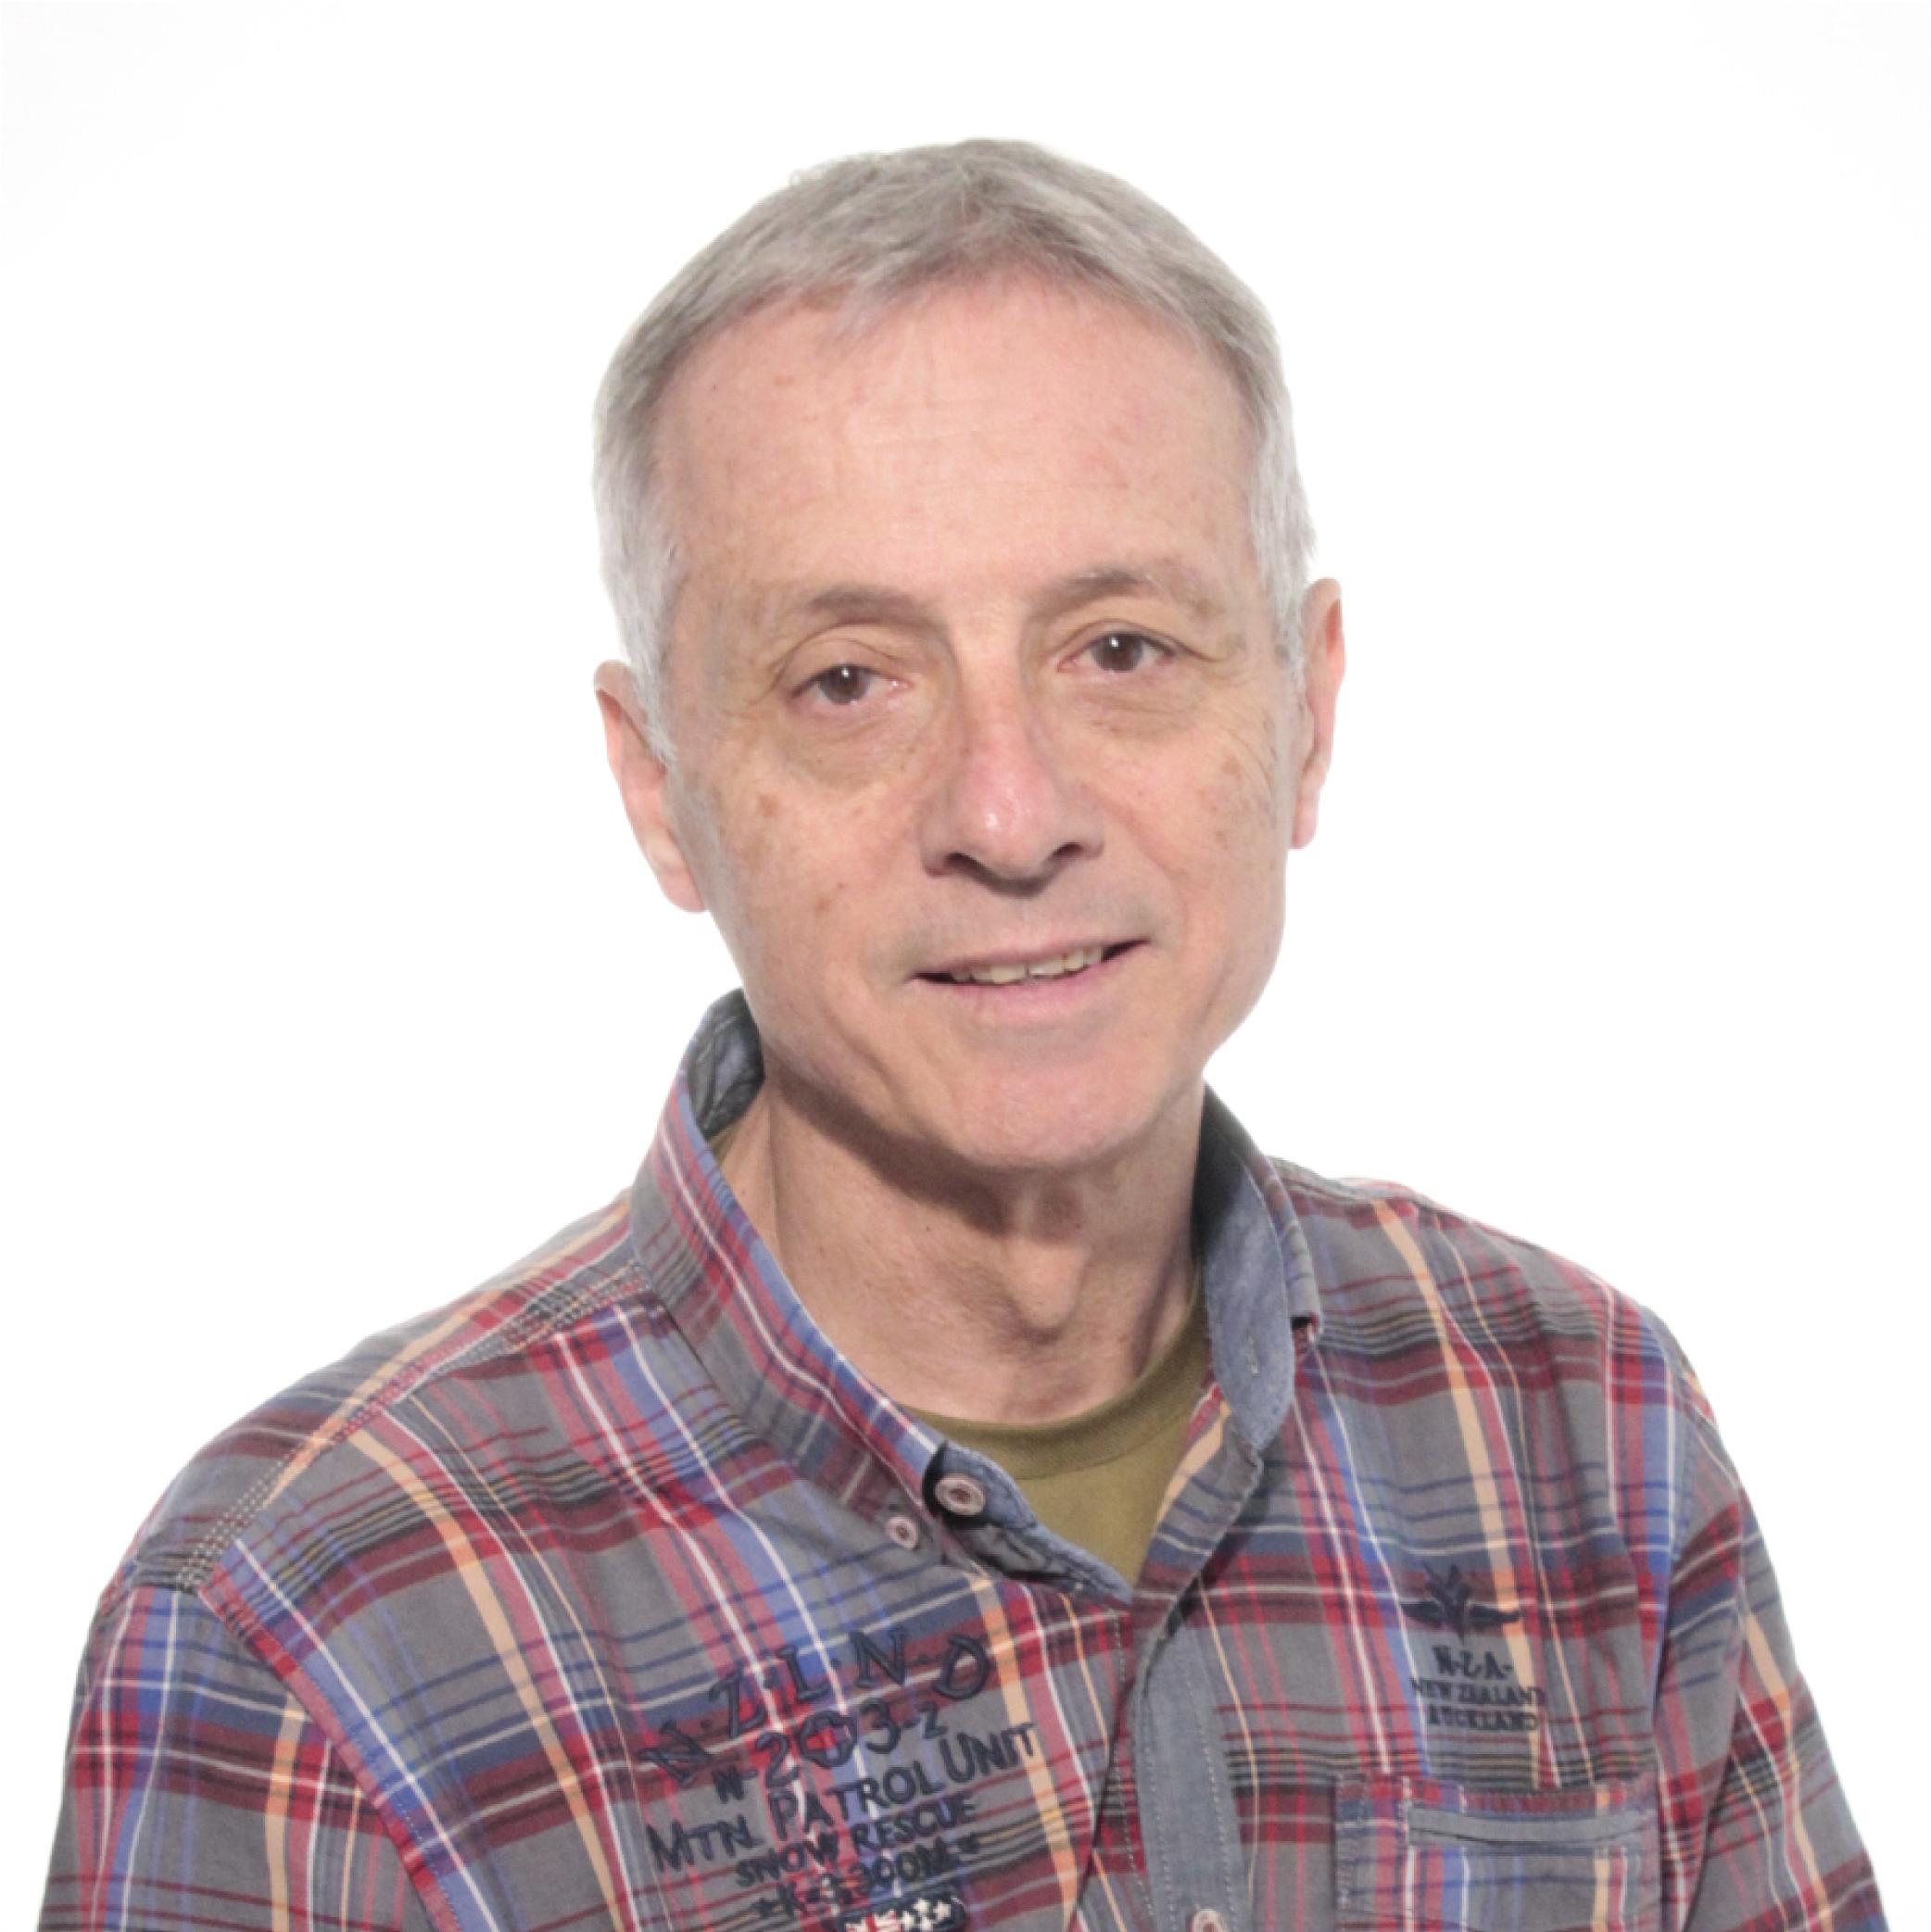 Jordi Quera Miró